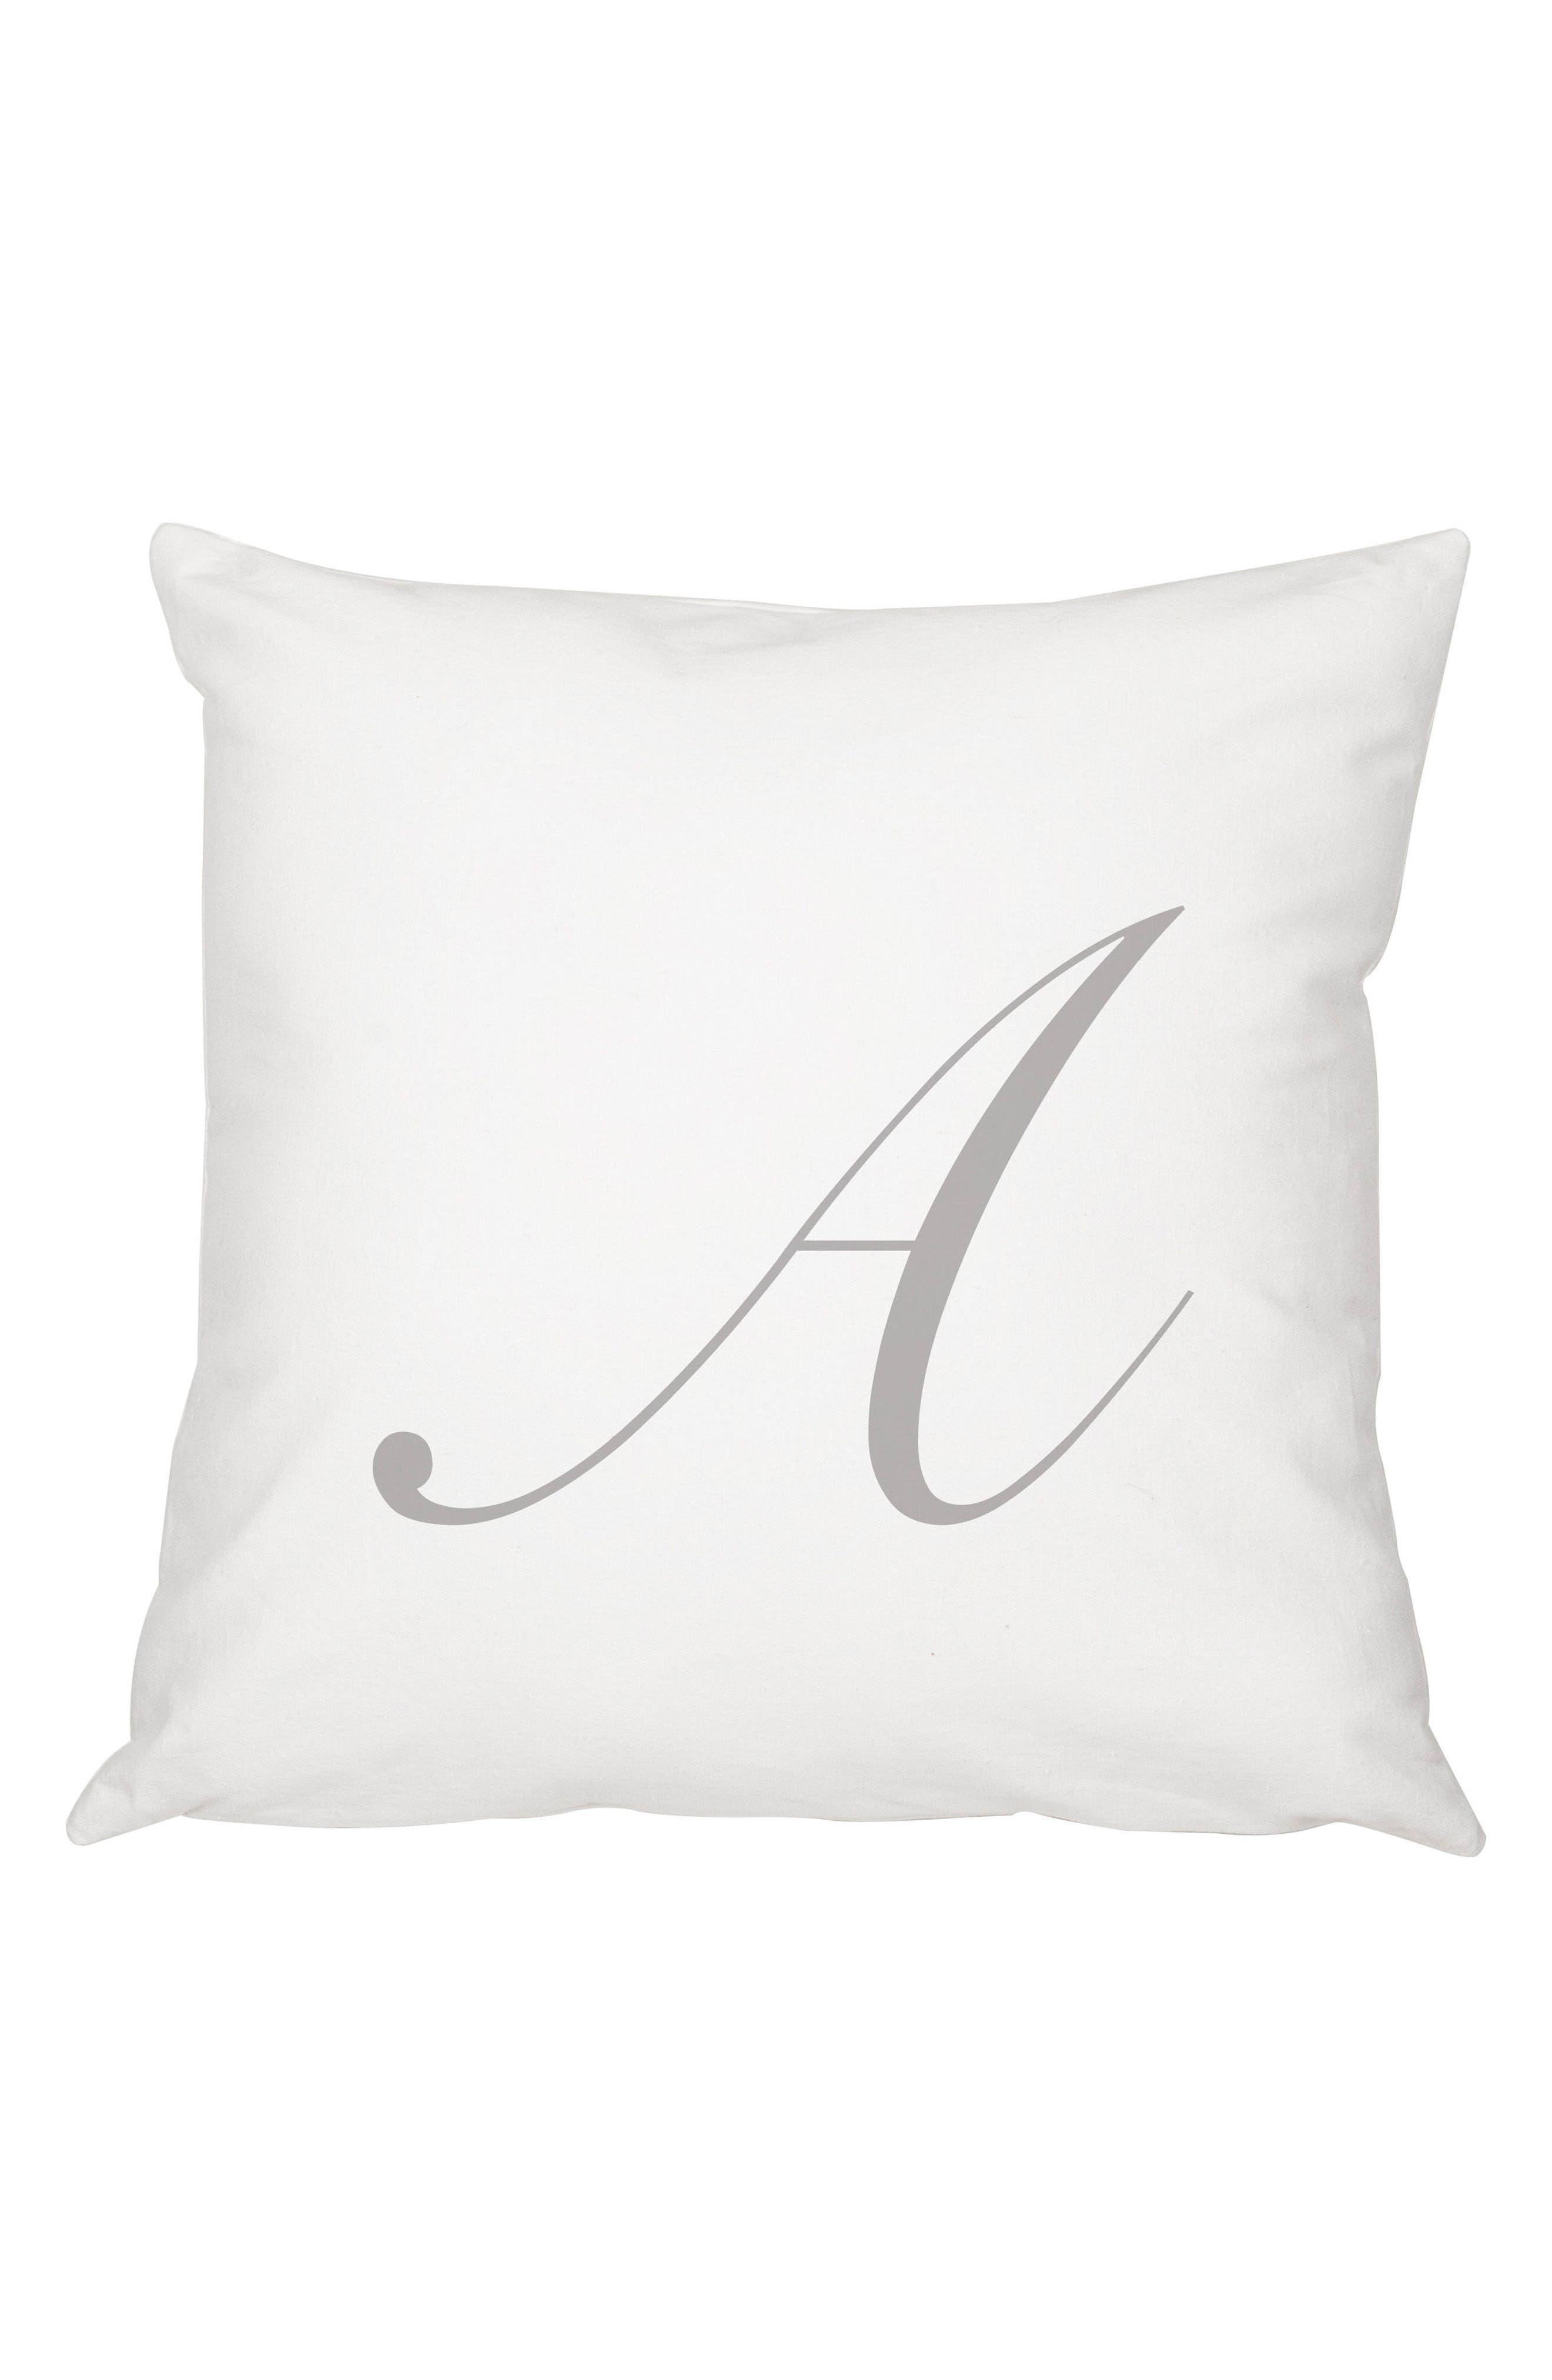 Cathy's Concepts Script Monogram Accent Pillow